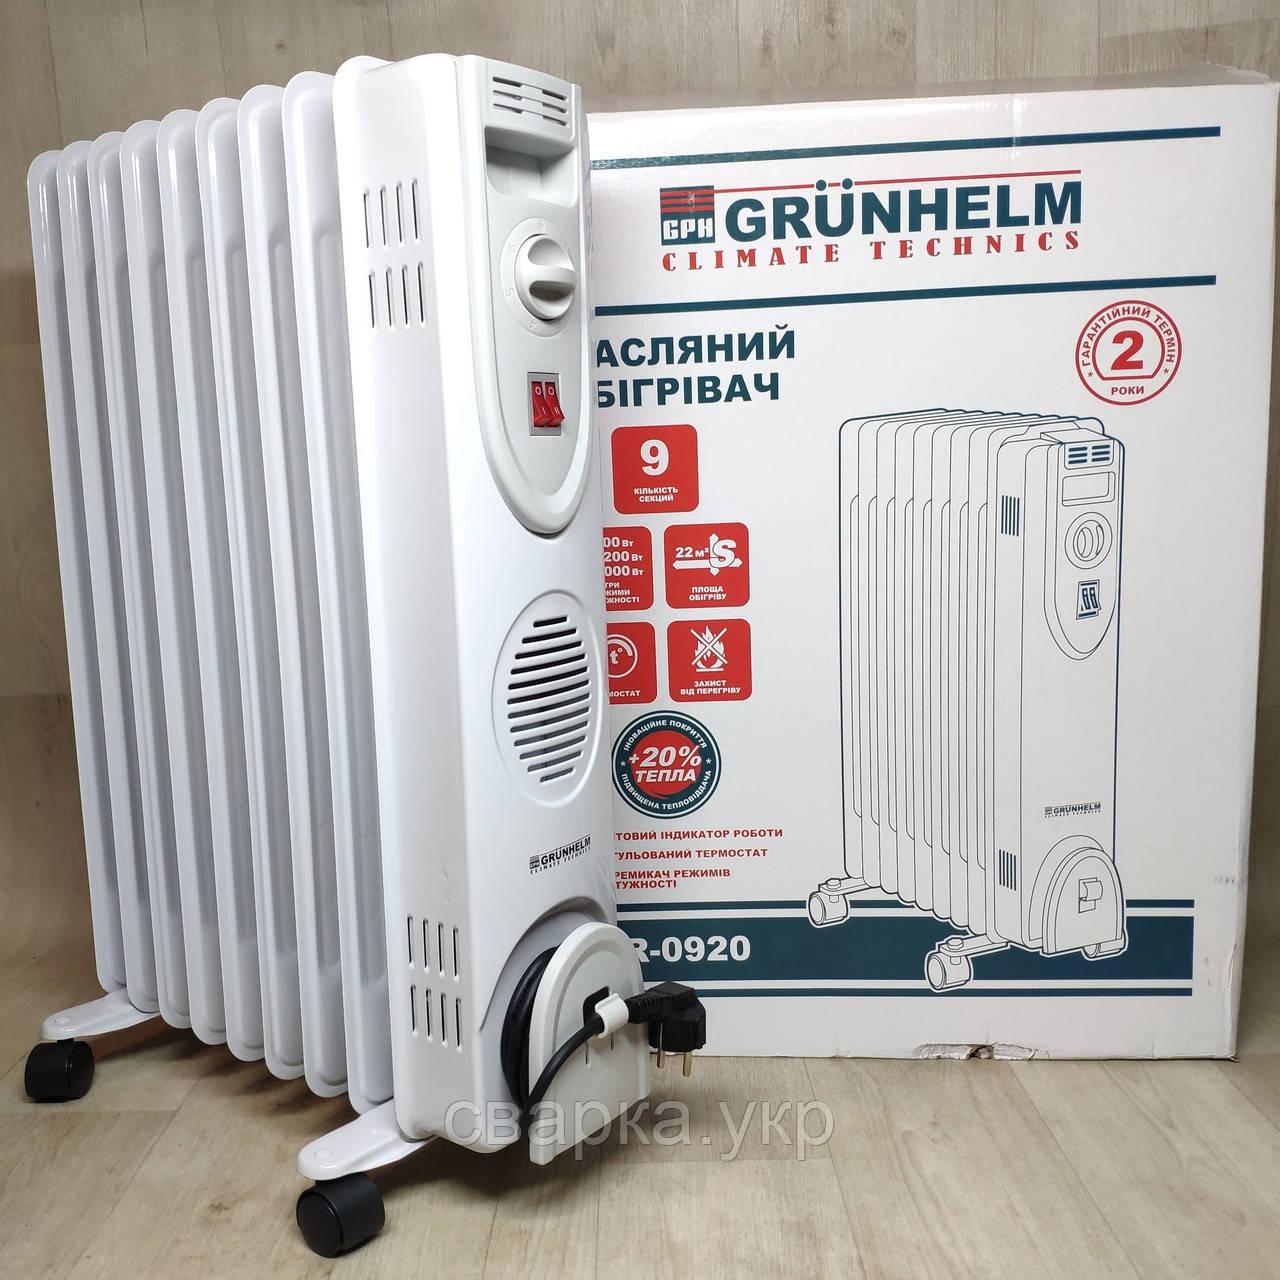 Підлоговий масляний обігрівач Grunhelm GR-0920 ( 9 секцій